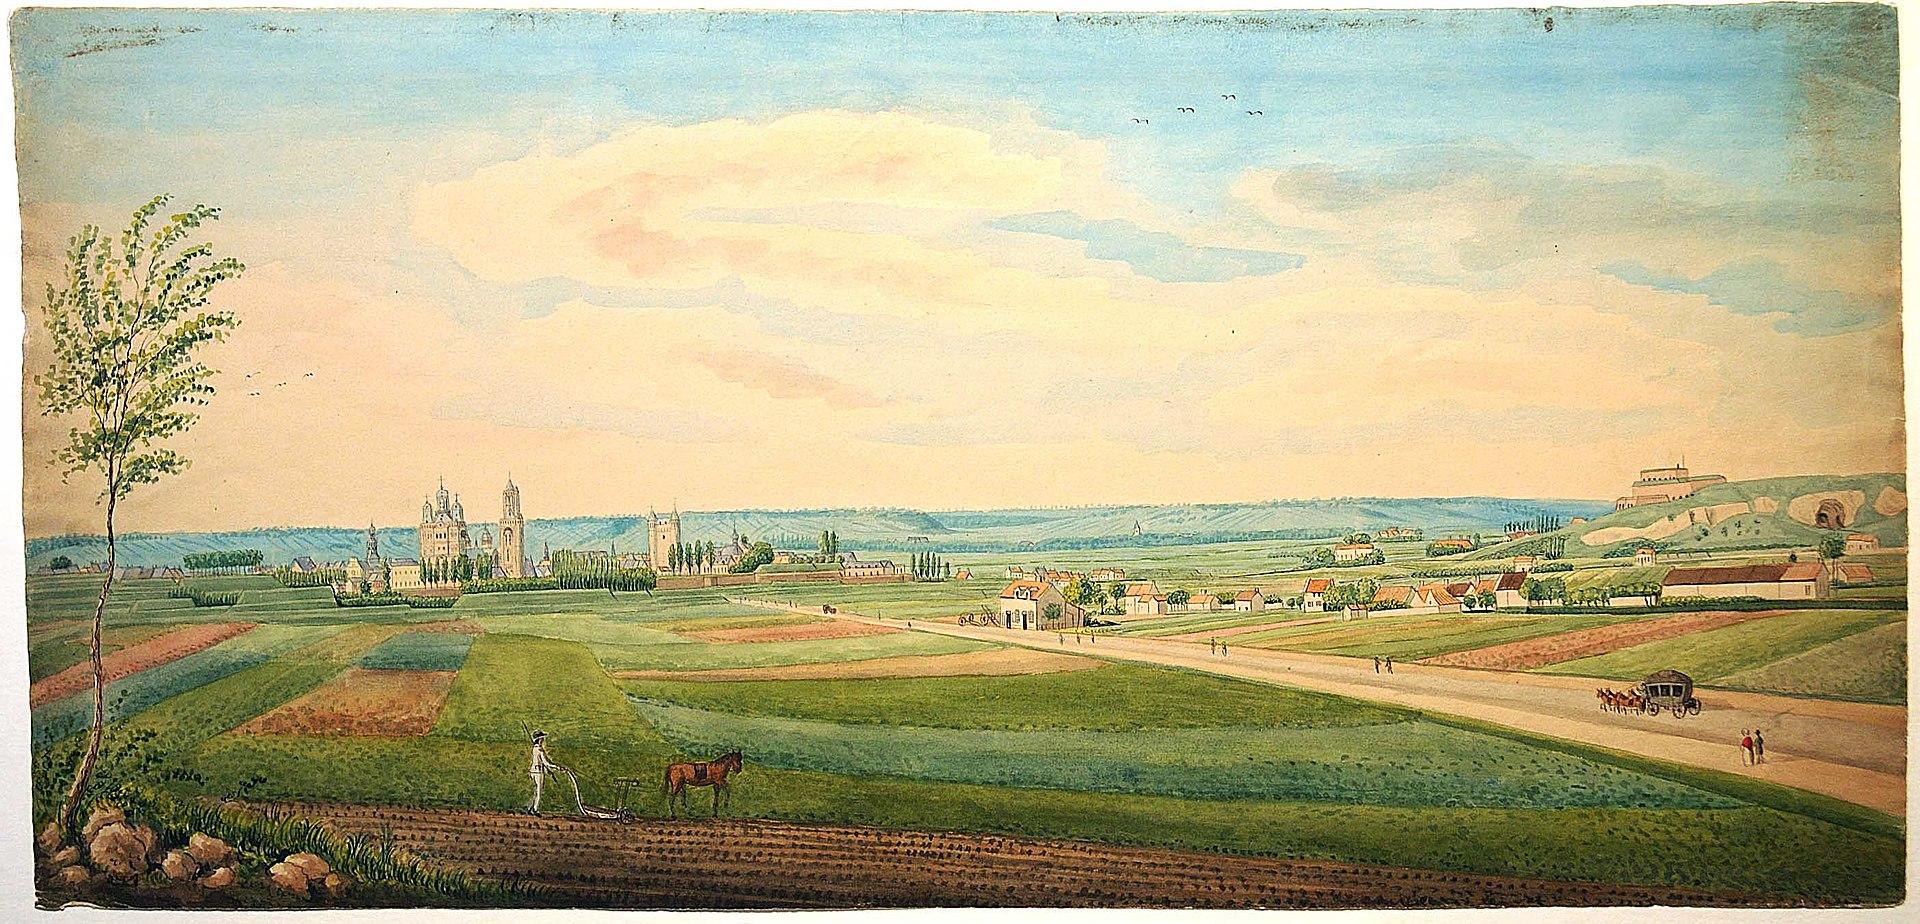 Ingekleurde tekening van Philippe van Gulpen met een zicht op de stad <br> Maastricht vanuit het zuidwesten. Rechts op de voorgrond de Tongerseweg. <br> Collectie Van der Noordaa in het RHCL, Maastricht, CVDN 349